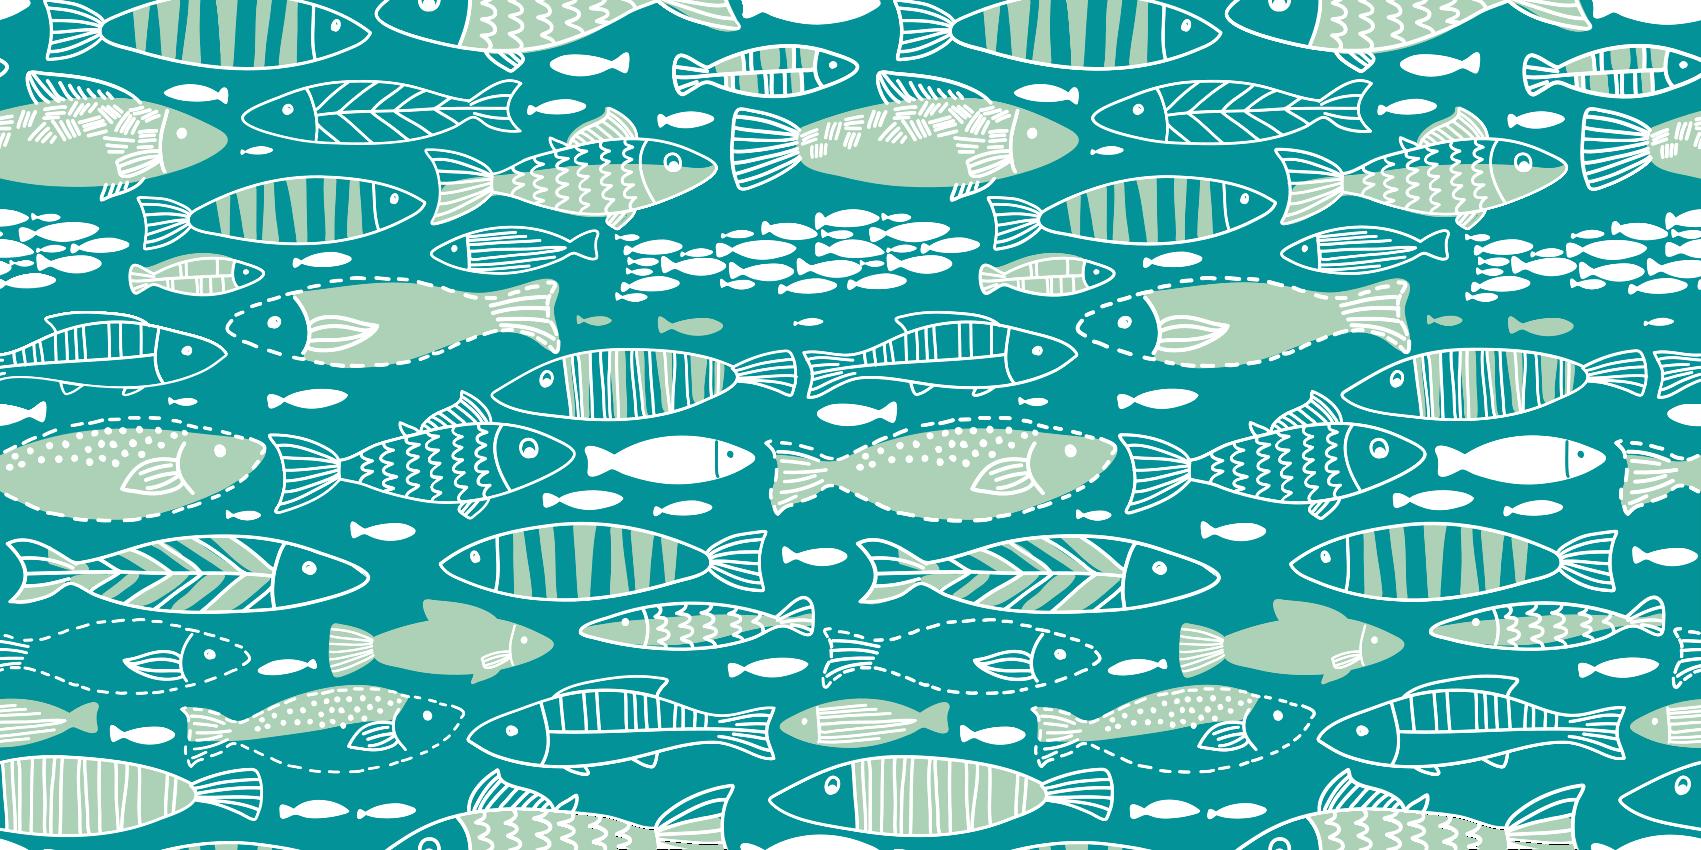 TenVinilo. Aflombra vinilo animales corriente peces. Para todos los amantes de los peces que deseen redecorar su hogar, aquí tienes una alfombra vinílica entrada de corriente de peces ¡Compra ahora!